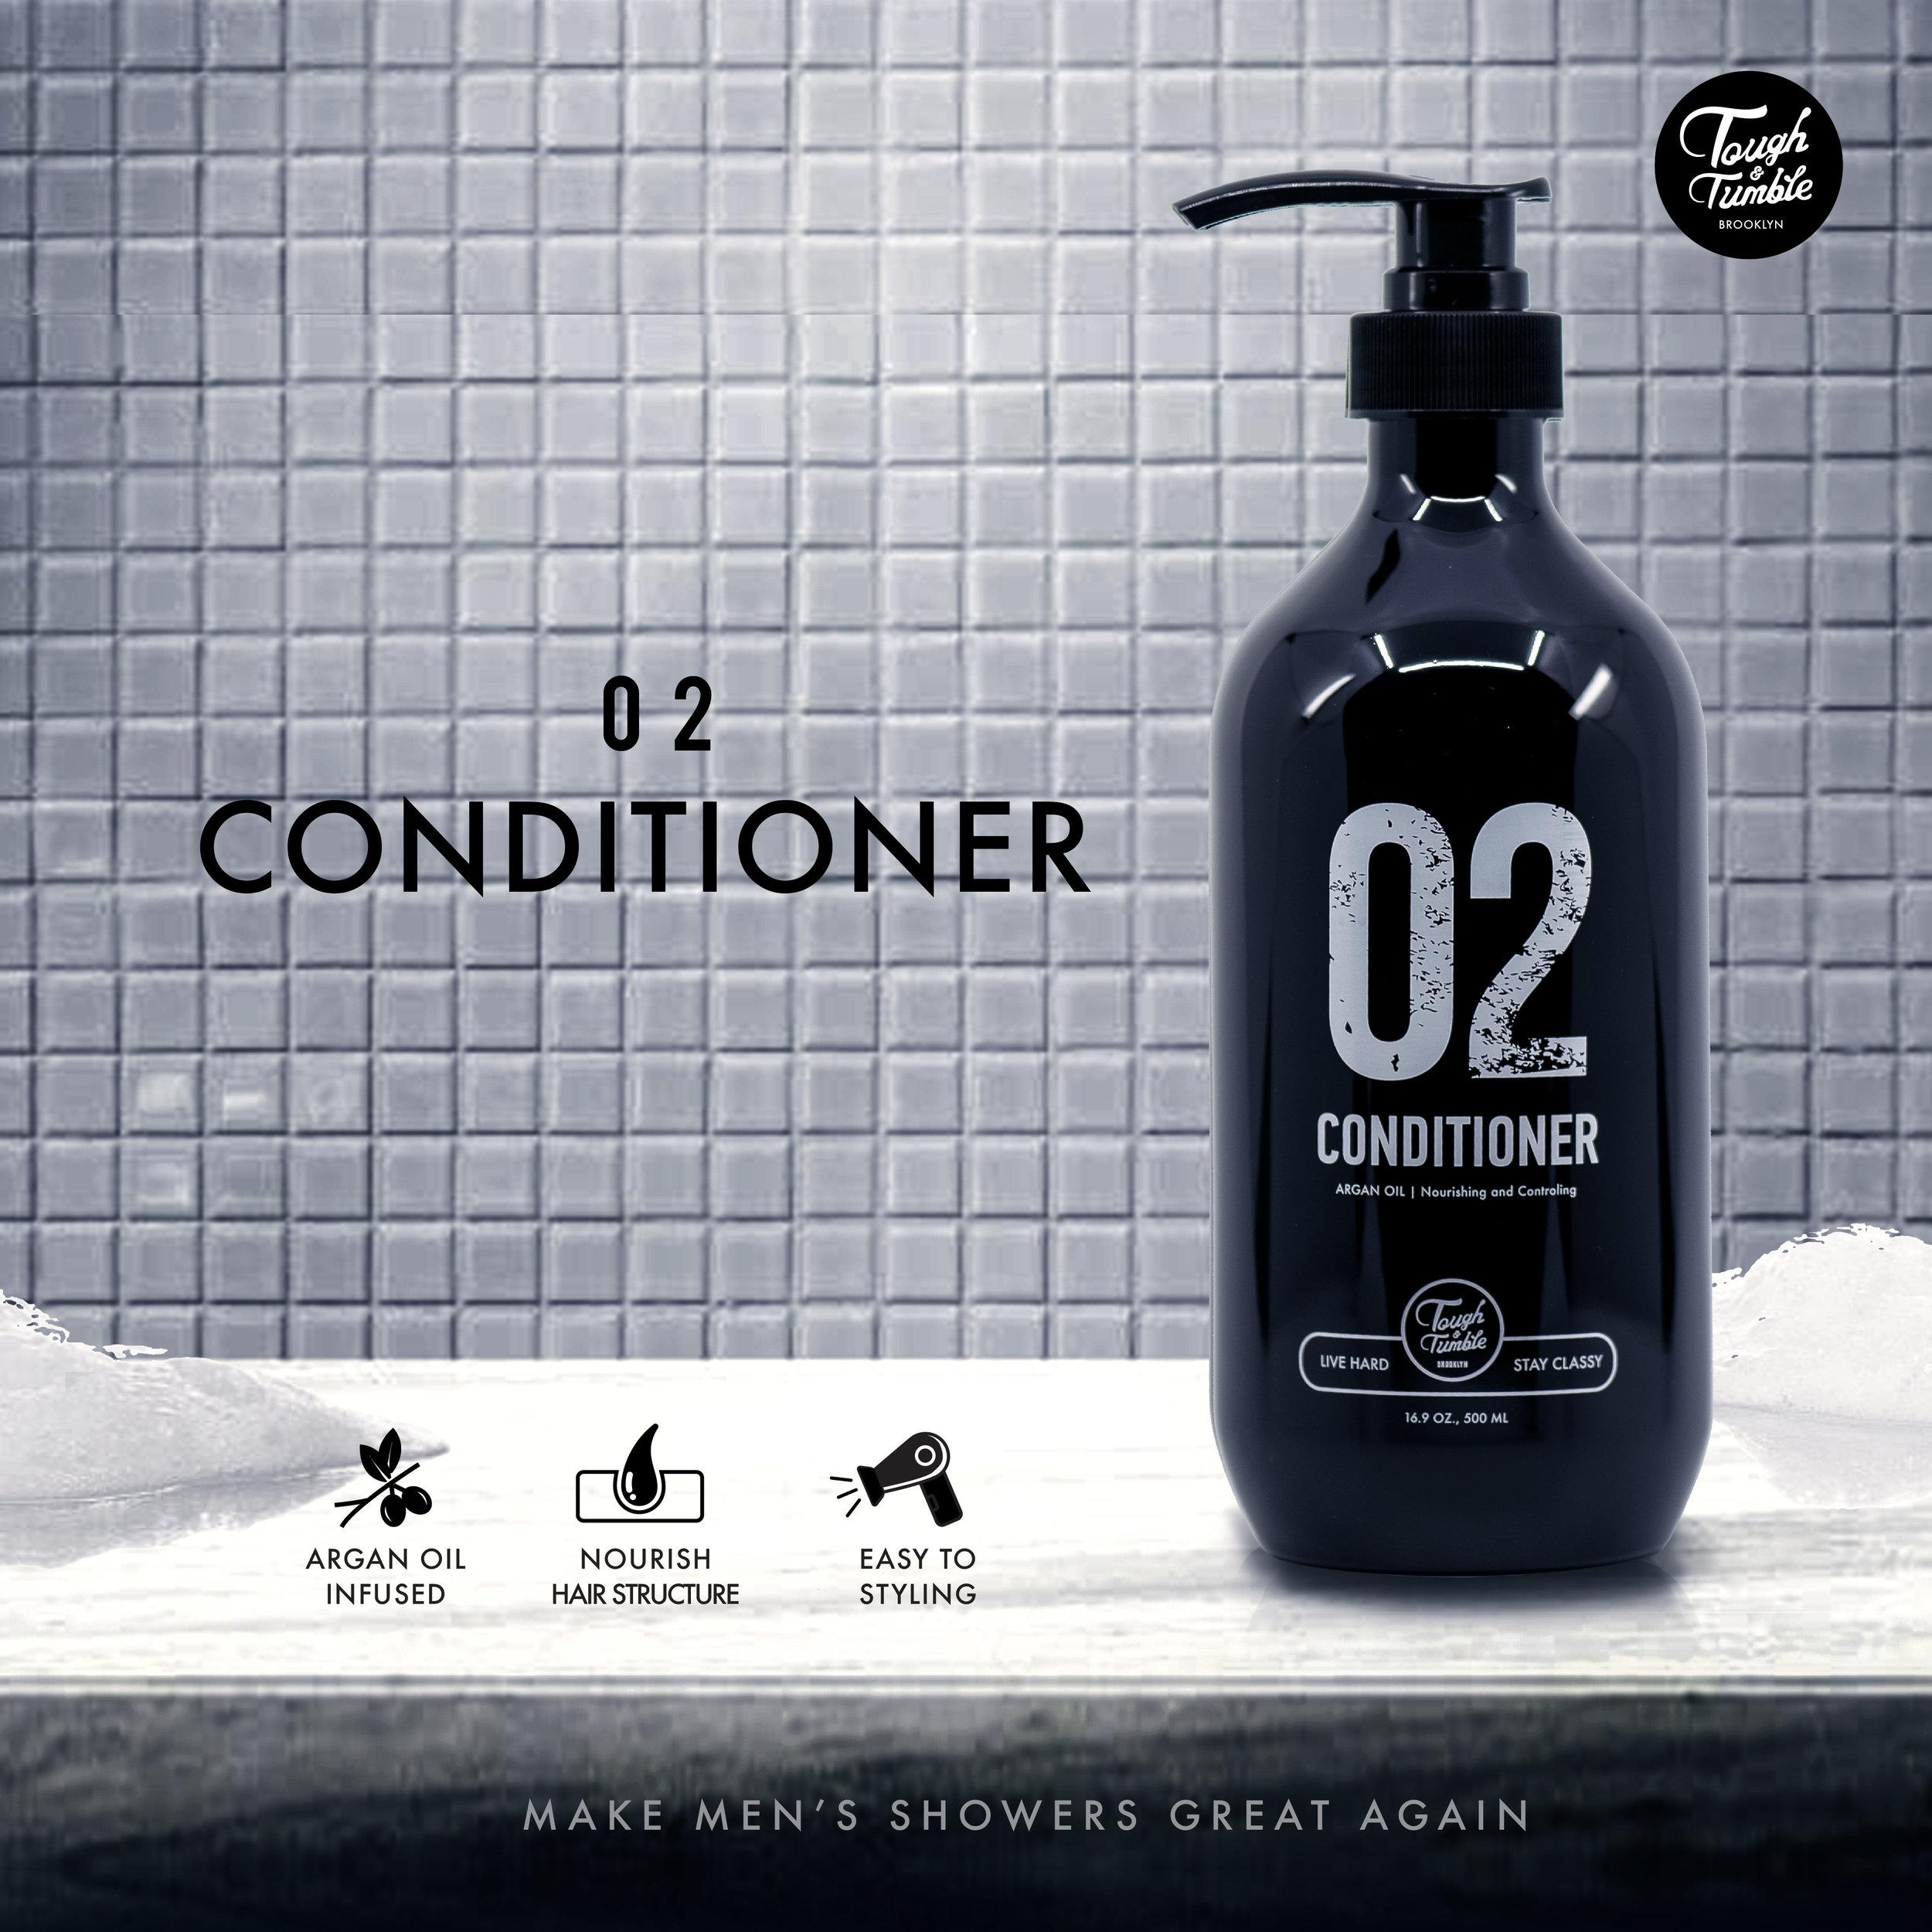 02 Conditioner_T&T 1-2-3 Shower